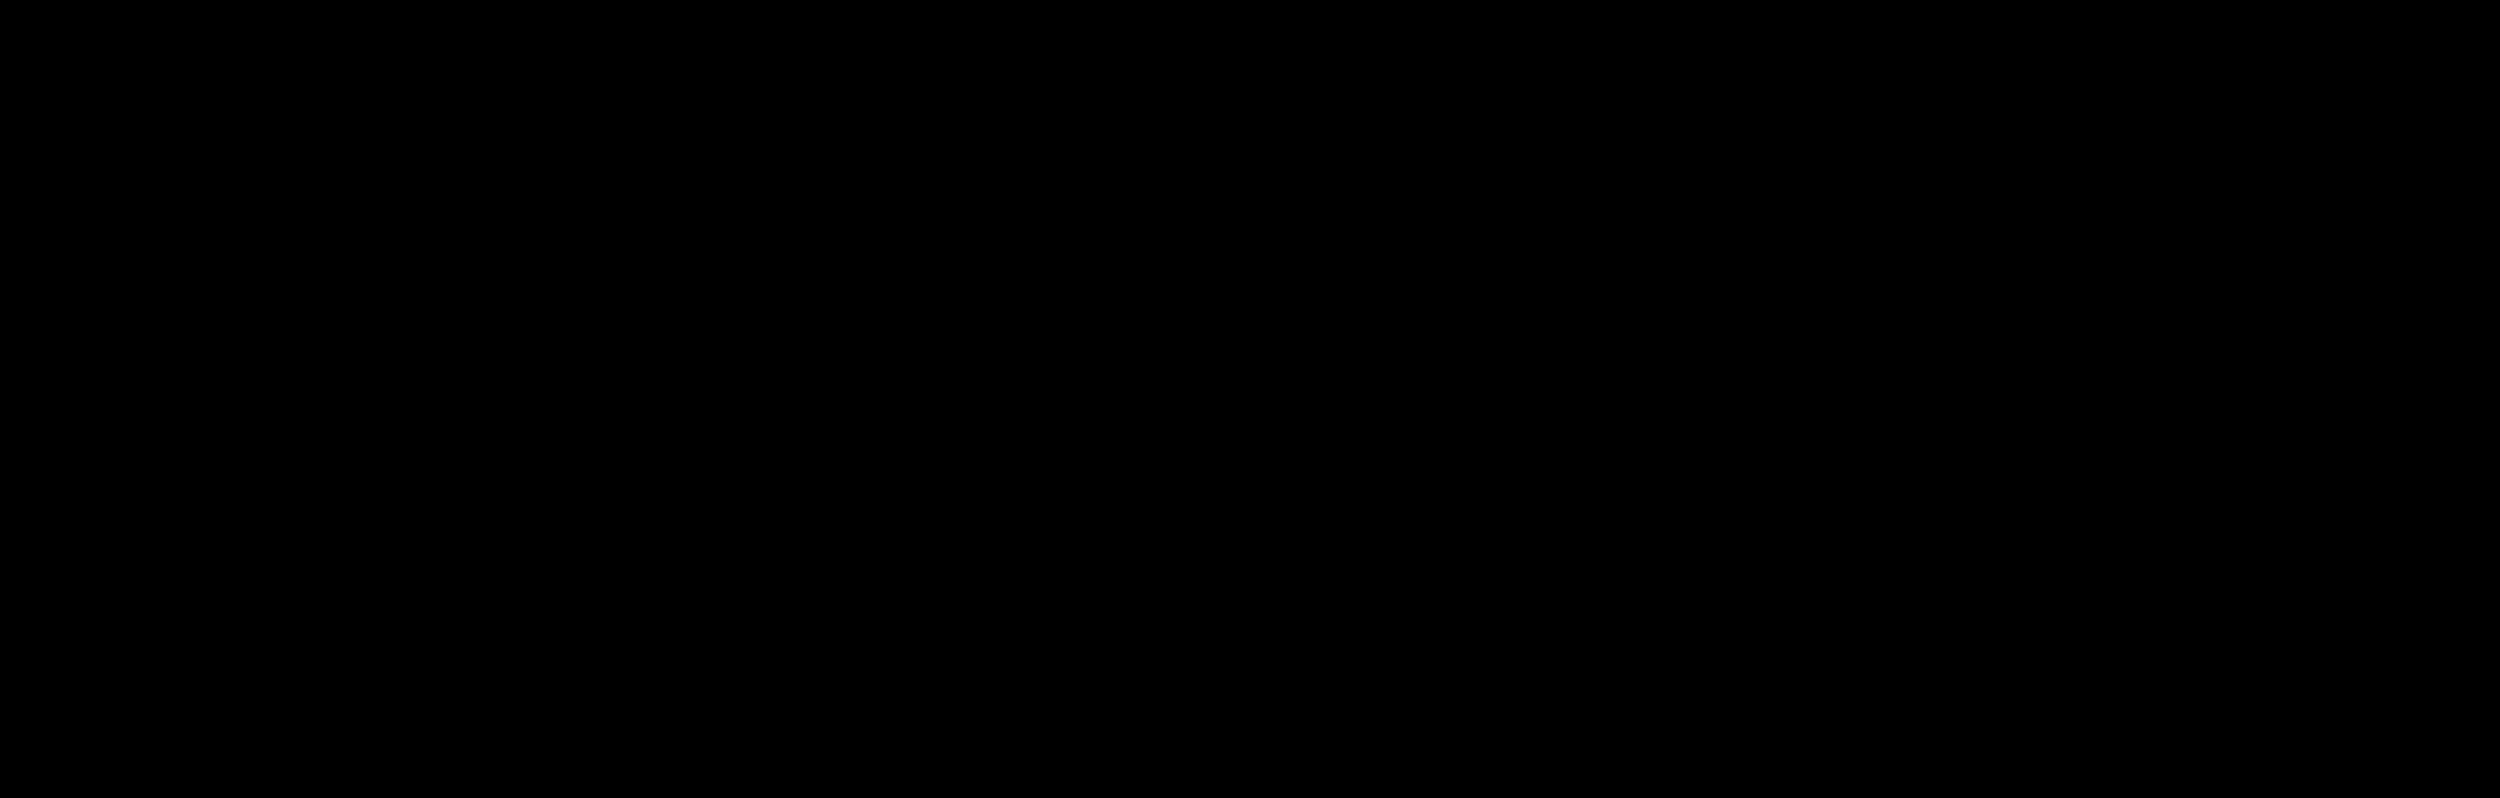 JKS_logo_2019.png